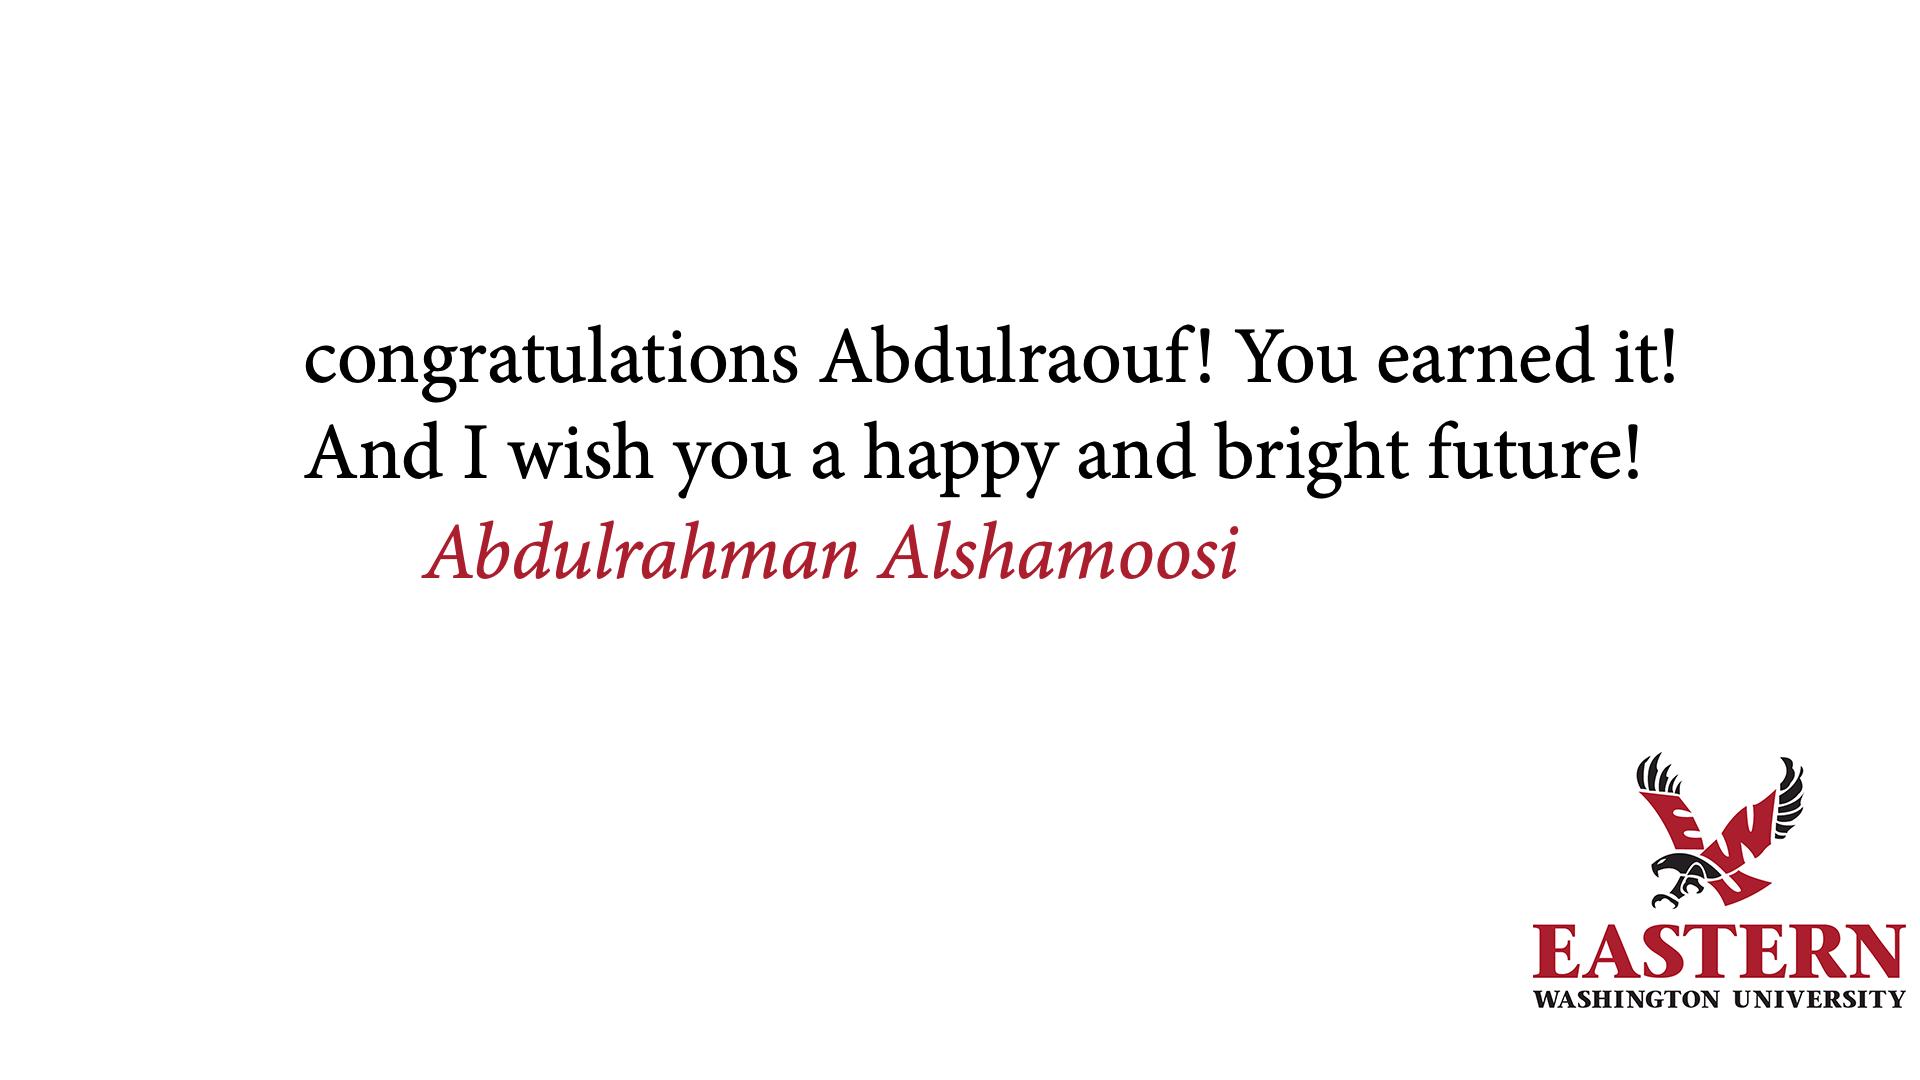 tbi_abdulraouf-abdullah-h-alnashmi_3030.png